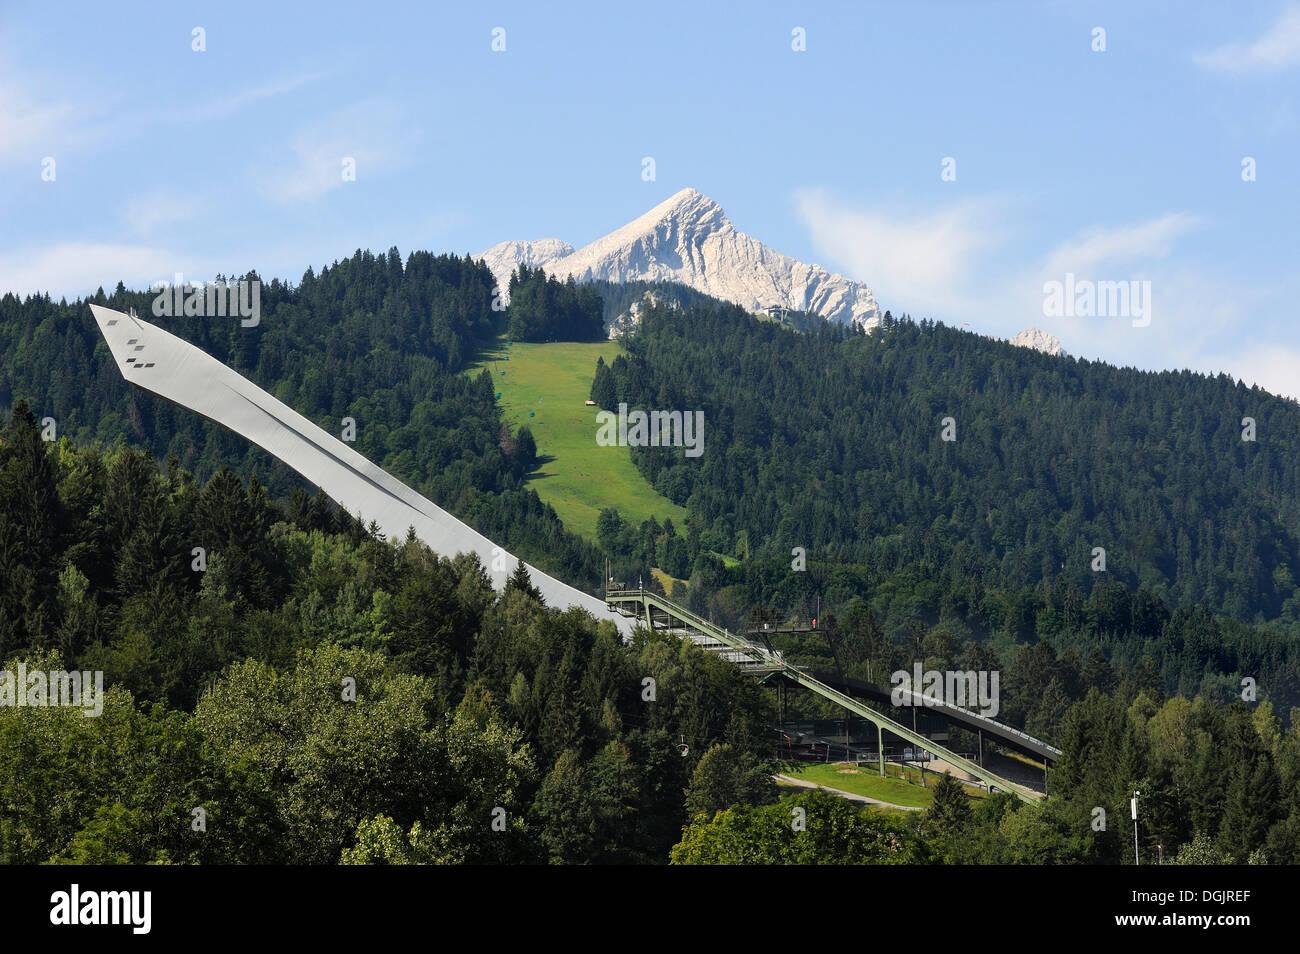 Ski jump, Olympiastadion stadium, Garmisch-Partenkirchen, Werdenfelser Land region, Upper Bavaria, Bavaria - Stock Image